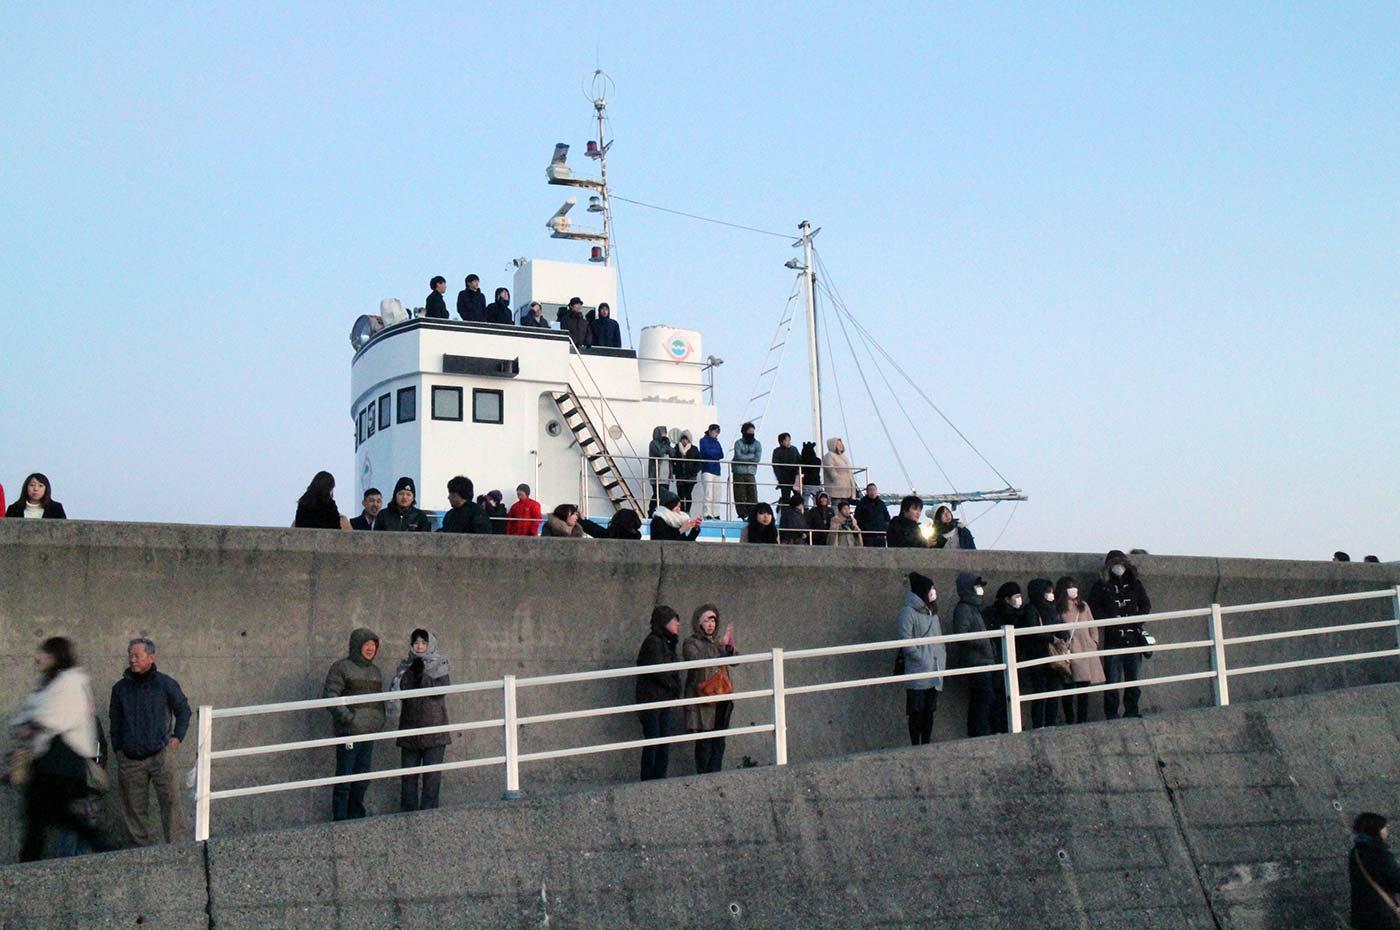 千倉 潮風王国 船 海岸へのスロープ